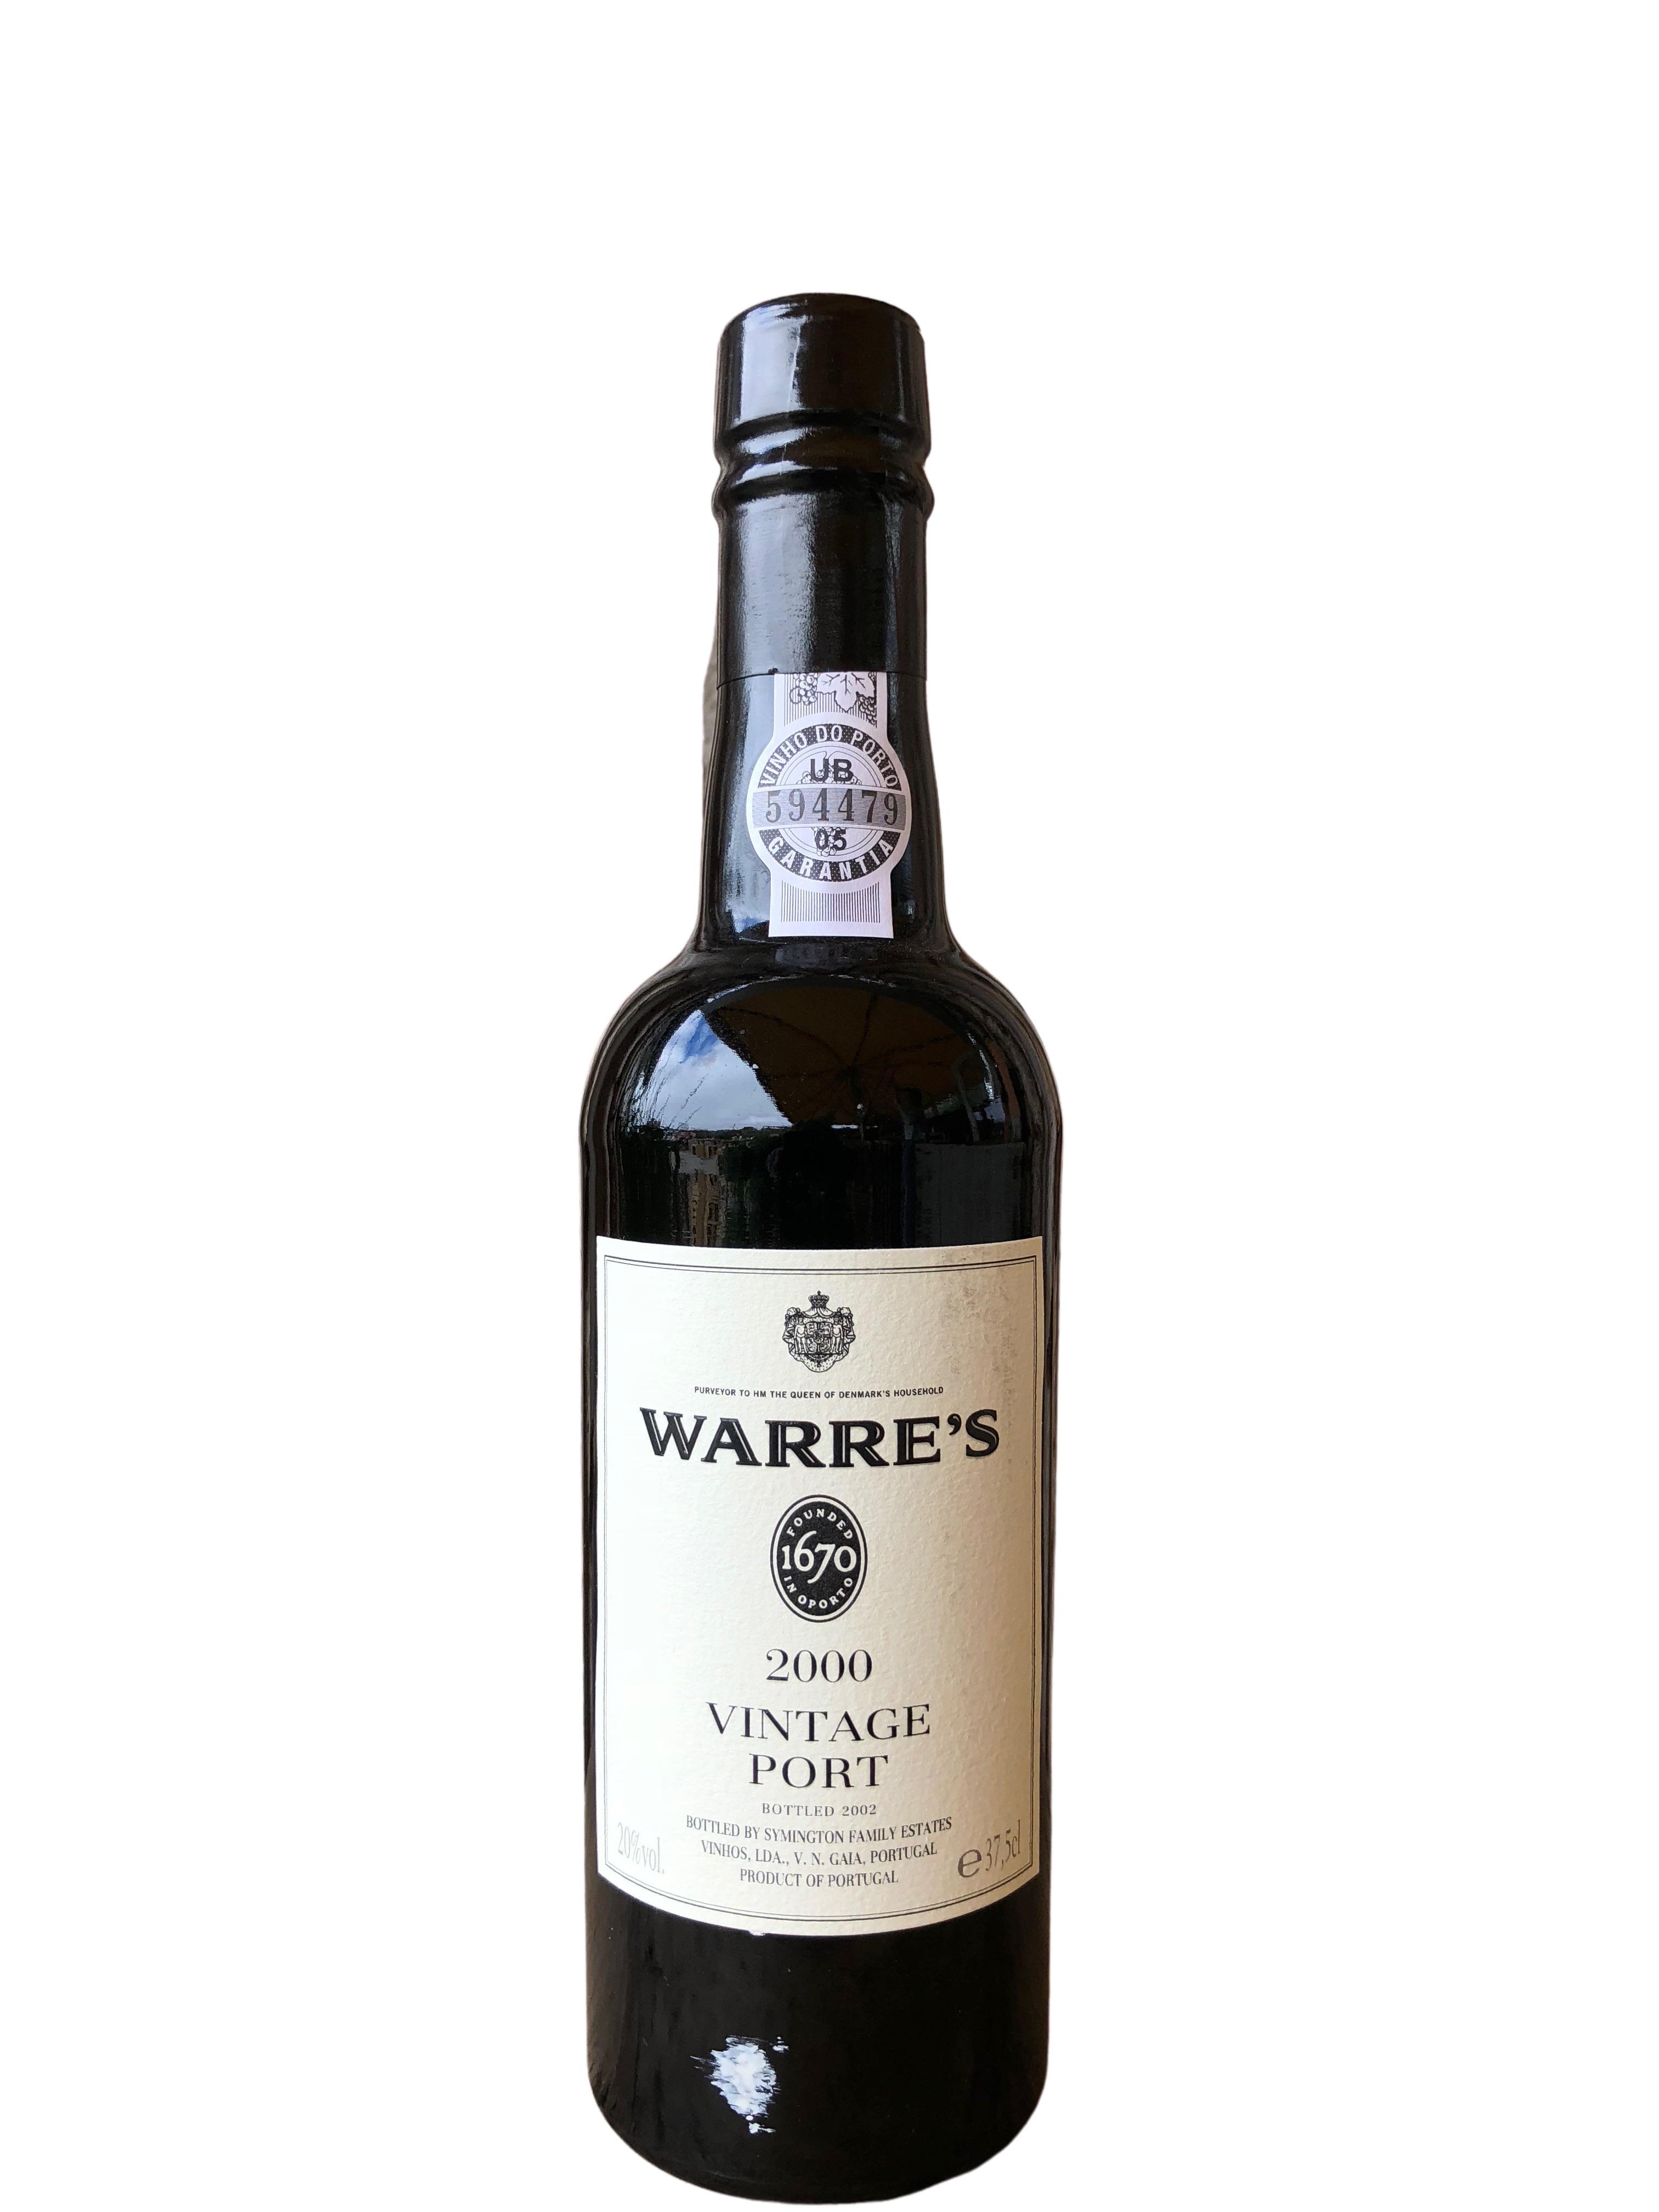 Warre's Vintage Port 2000 0,375 l